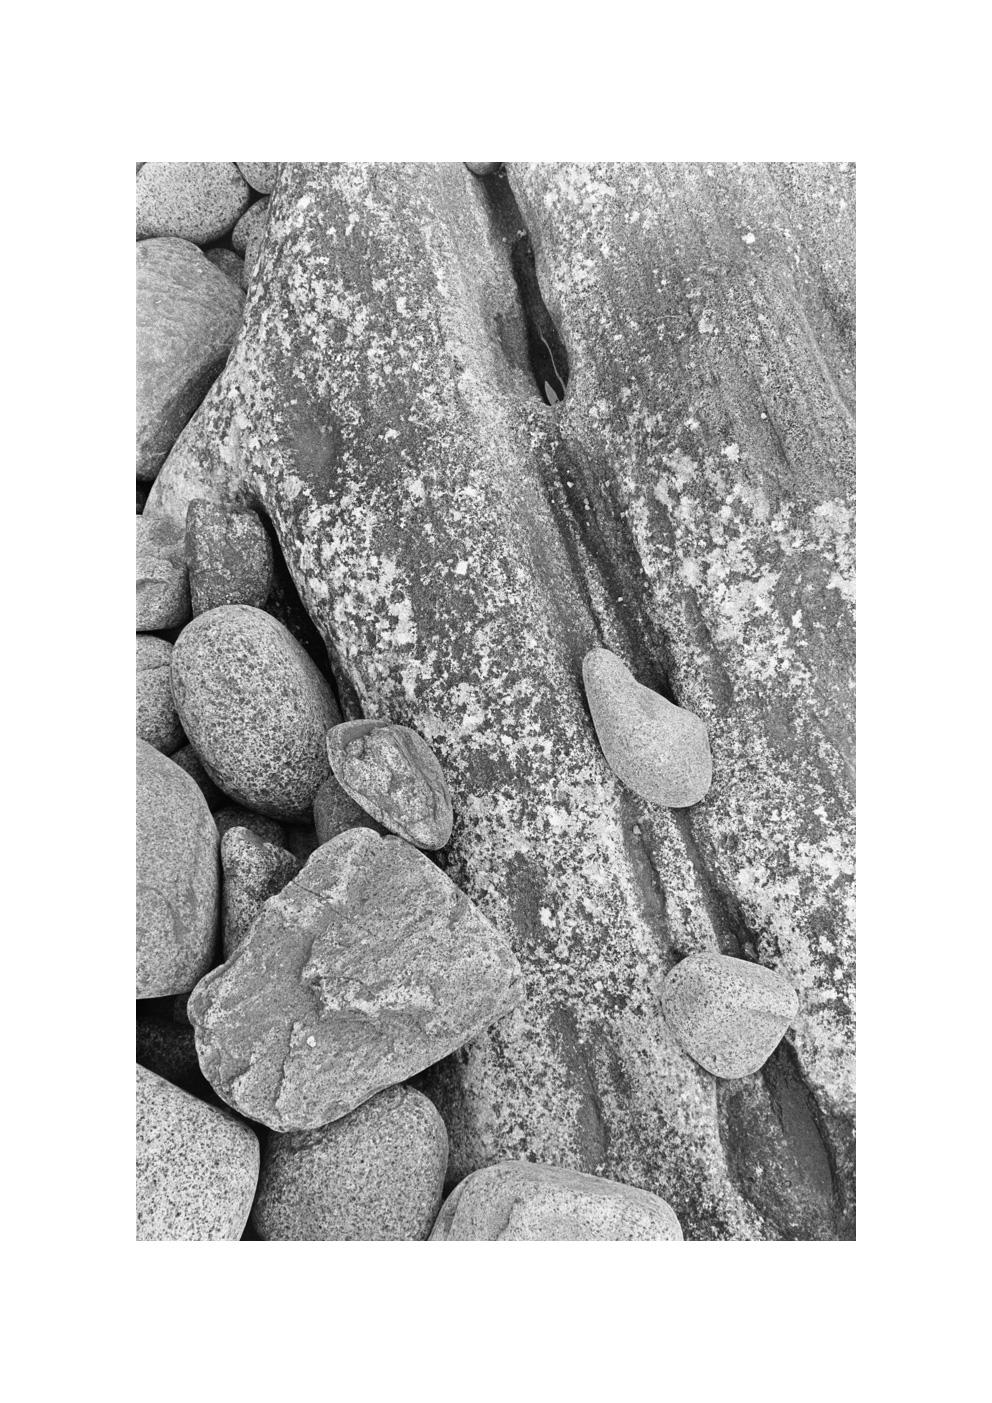 Rocks at Coolum